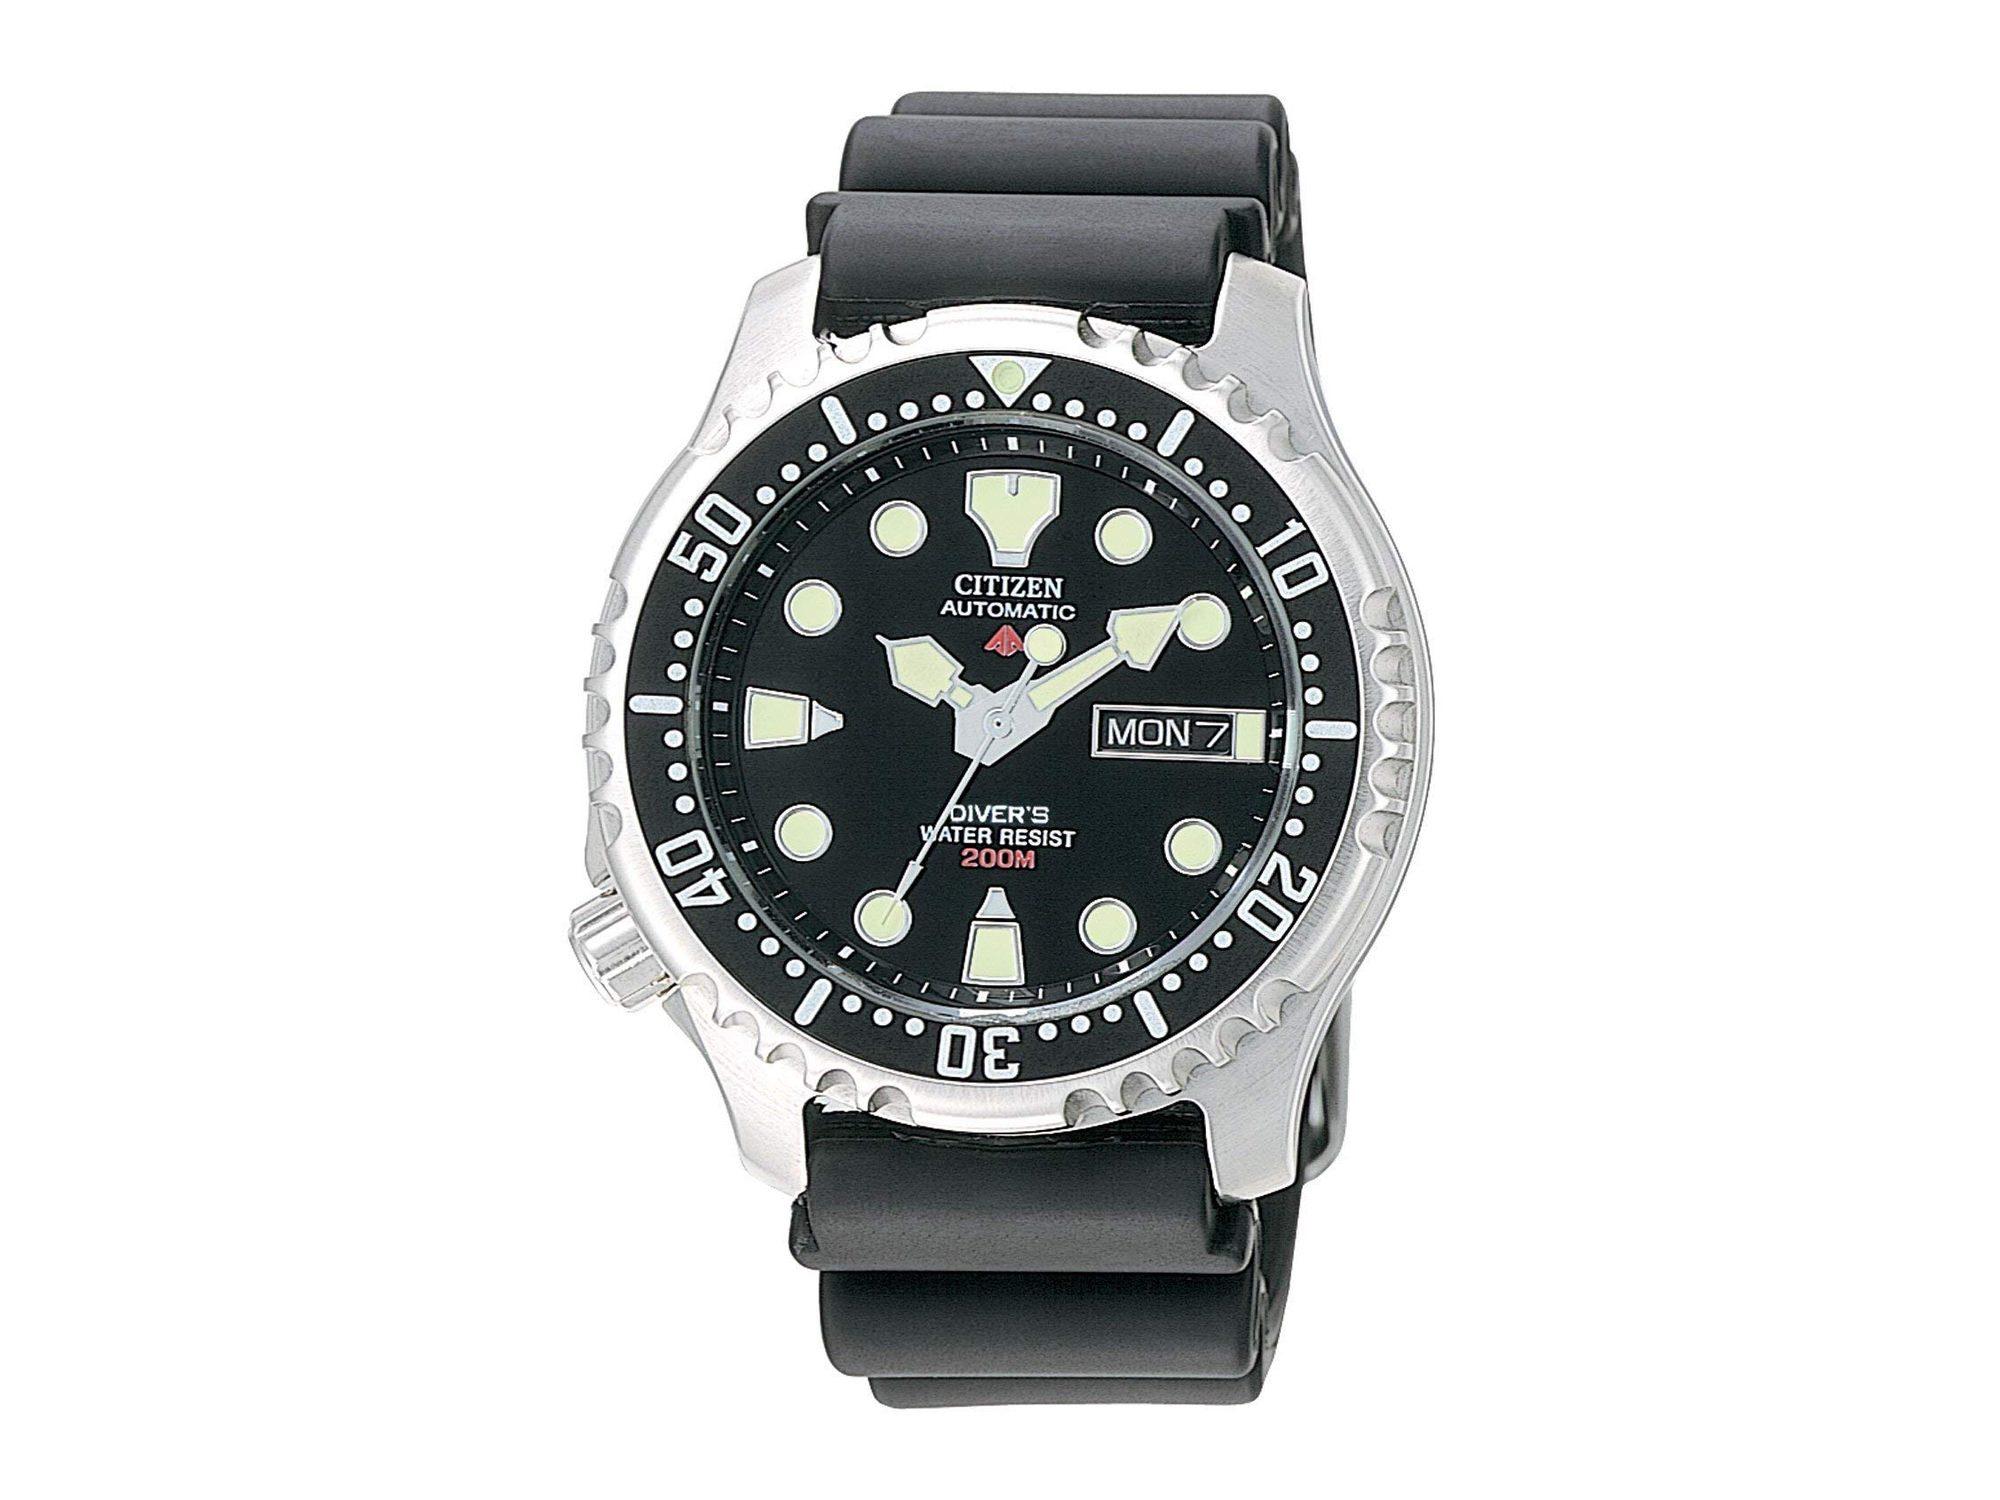 citizen promaster NY0040 montre de plongee